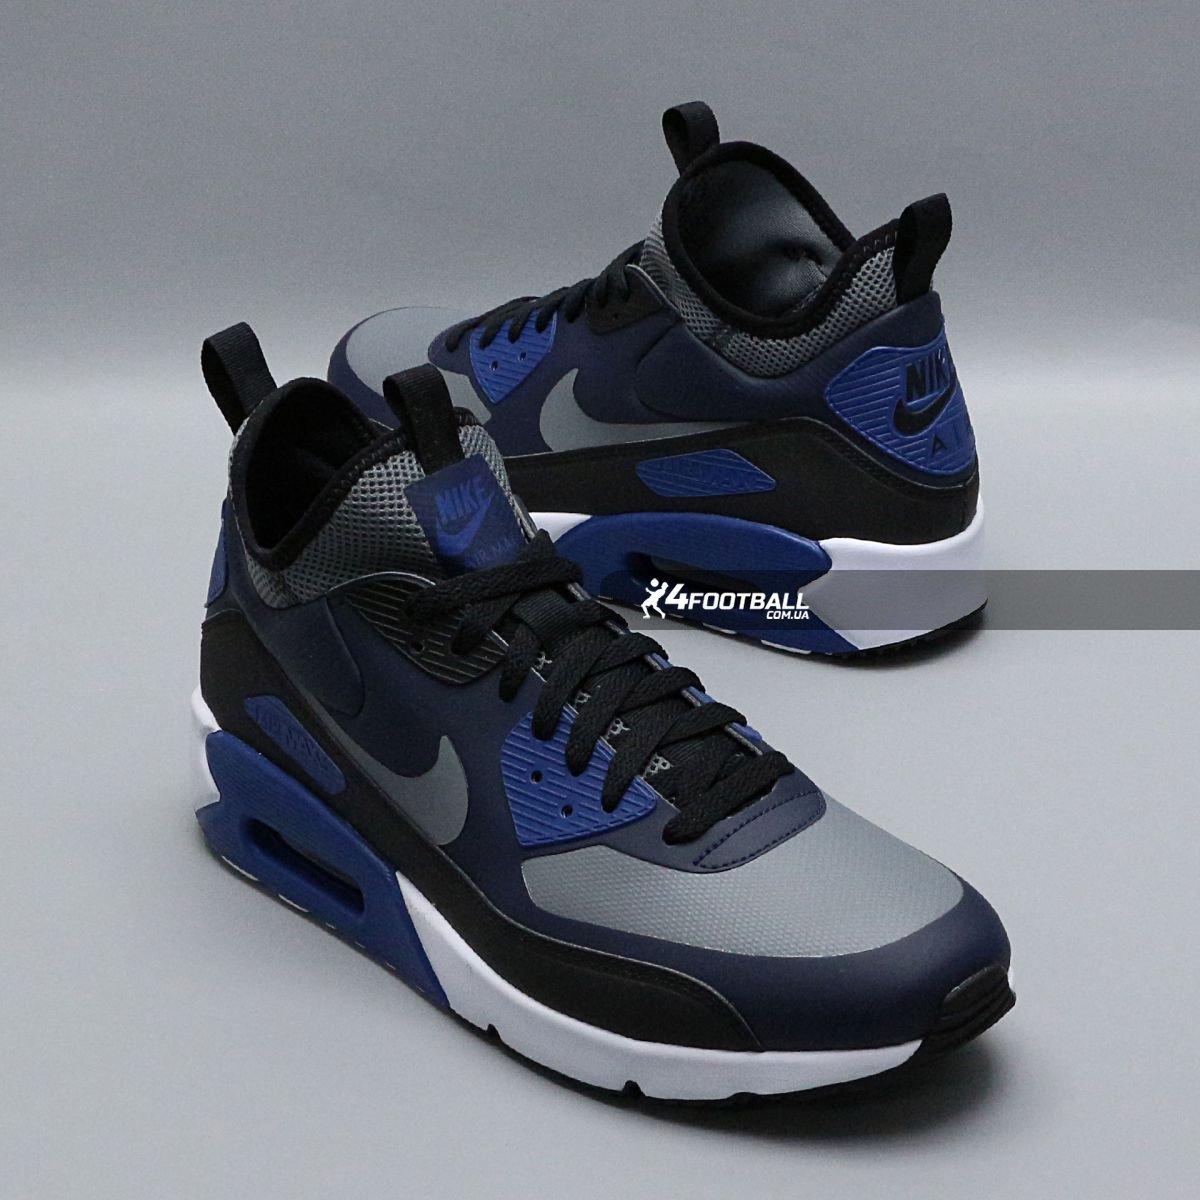 6f9aa7770492 Кроссовки Nike зимние. Зимние кроссовки Найк мужские - купить в Санкт- Петербурге по Перейти